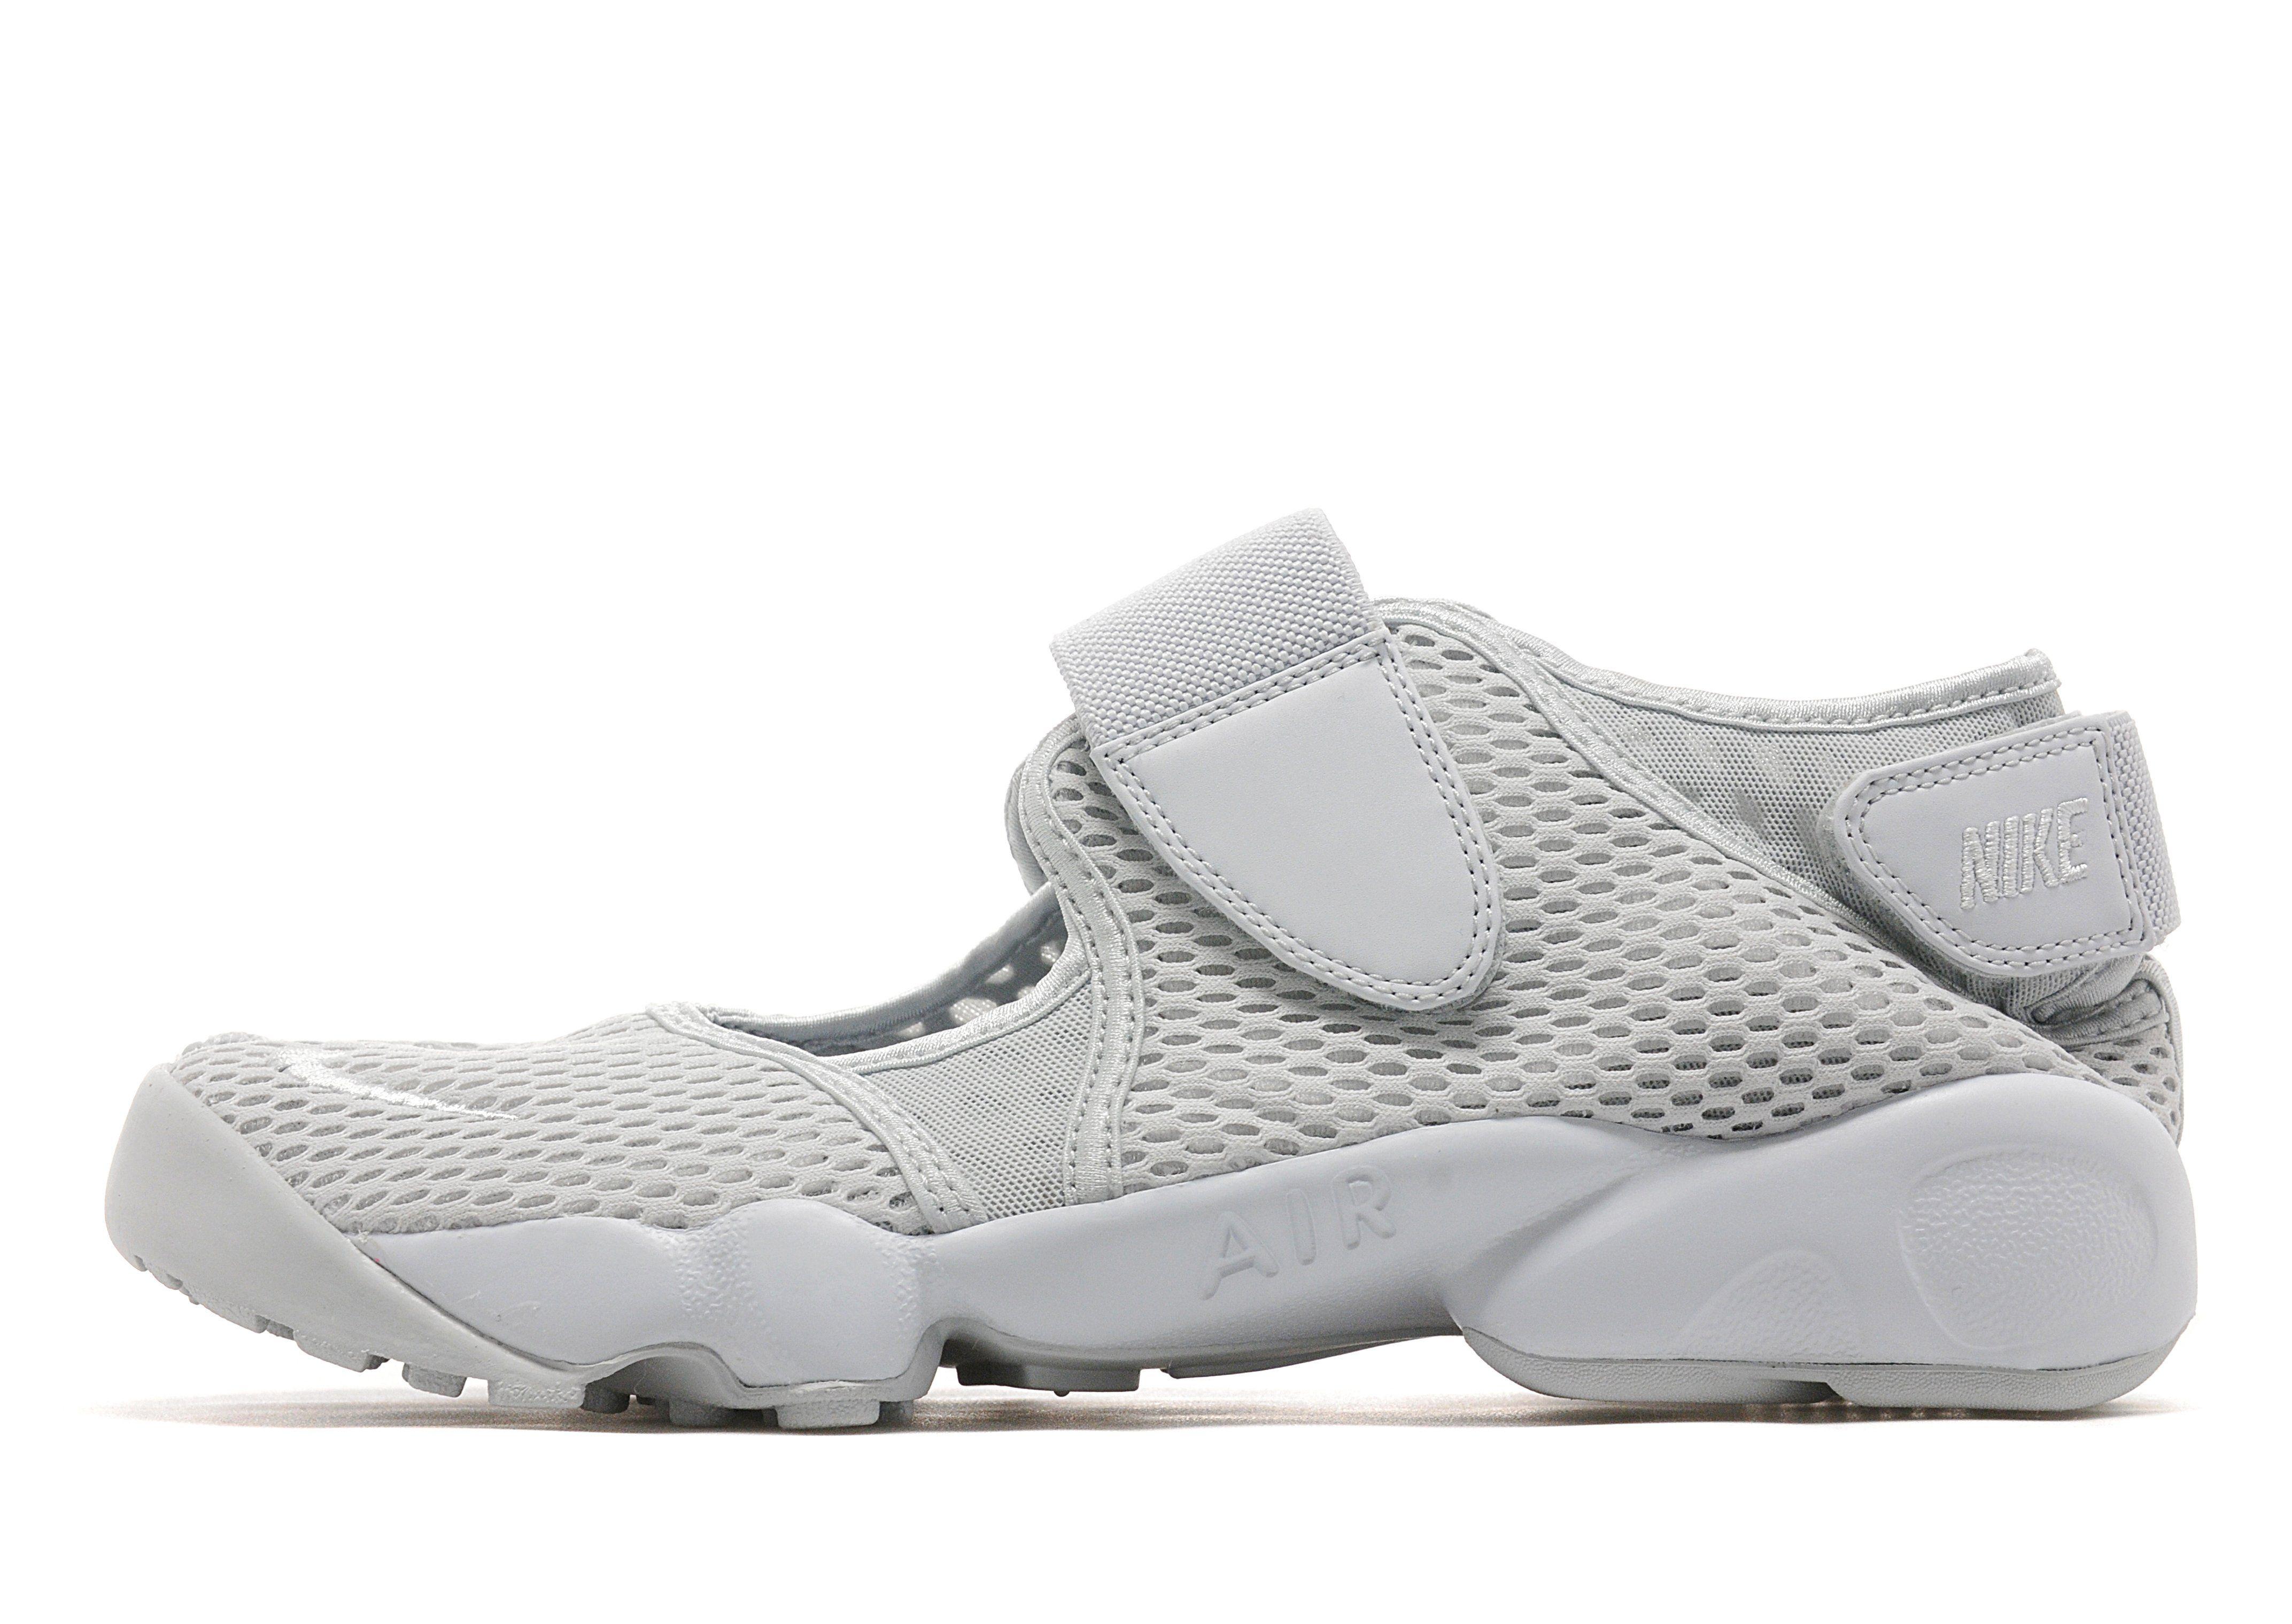 4629c335cc2a Nike Air Rift Breathe Pack